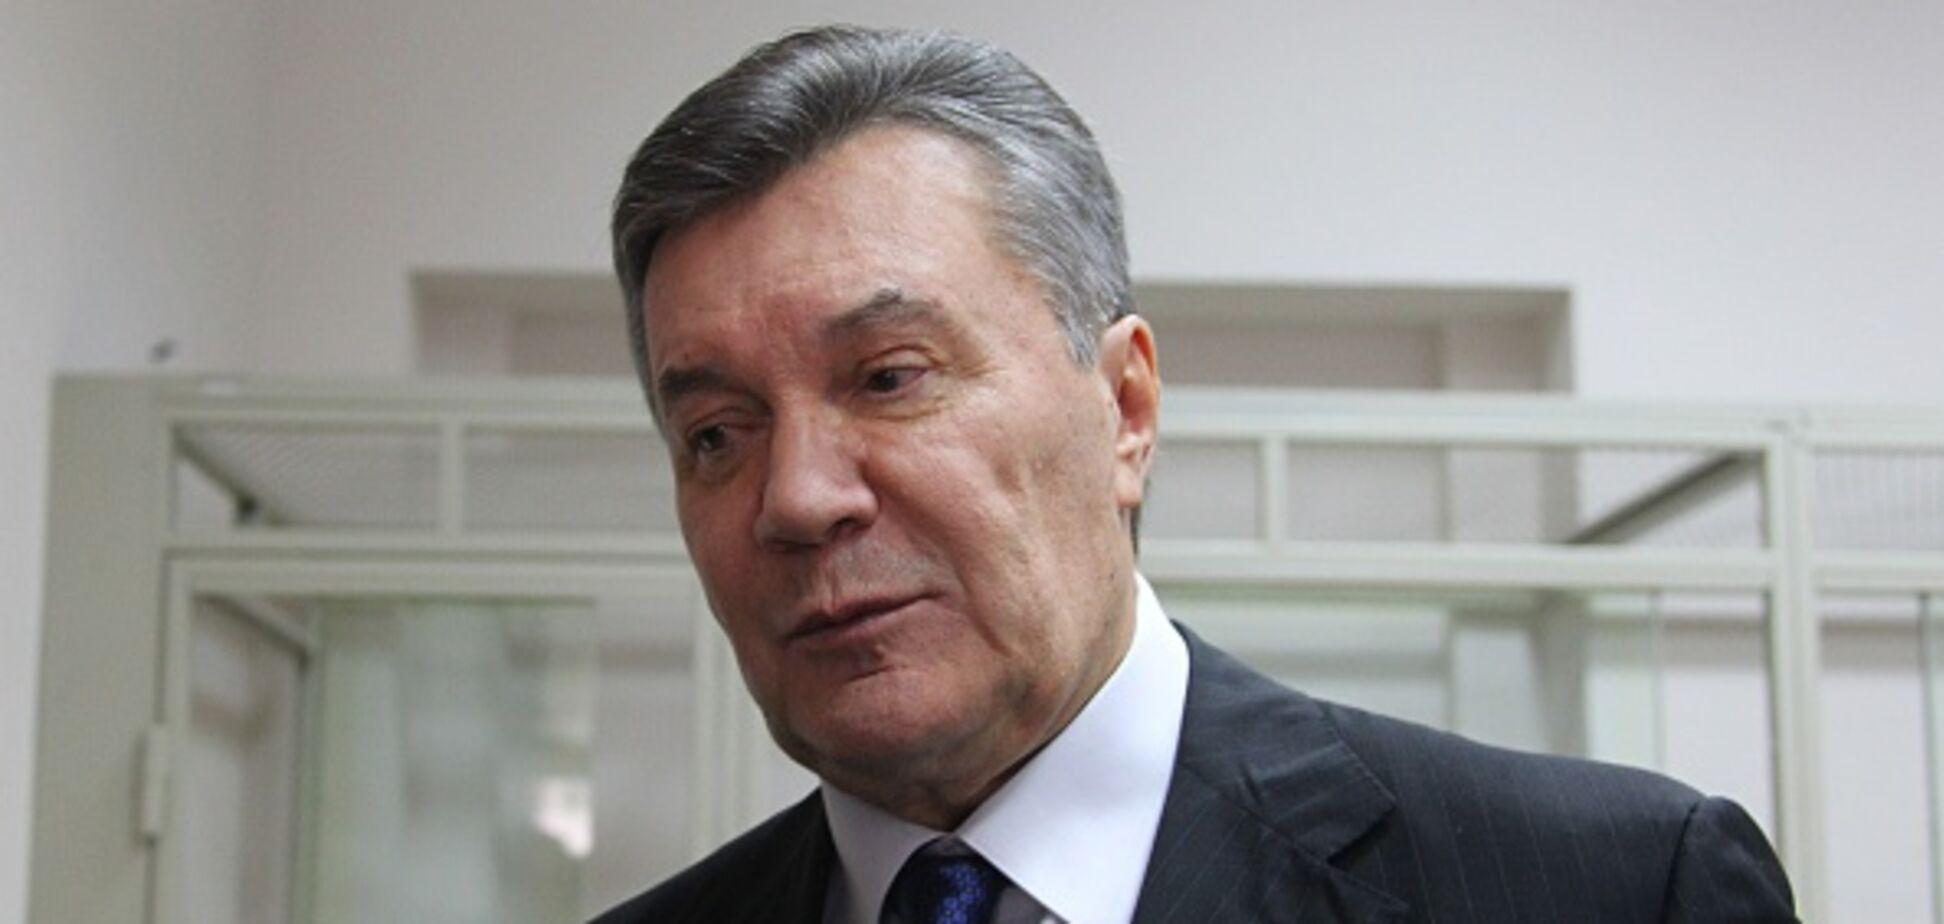 Екс-постпред в ООН Сергєєв може зіграти не на користь лінії держобвинувачення у справі Януковича - джерело в МЗС